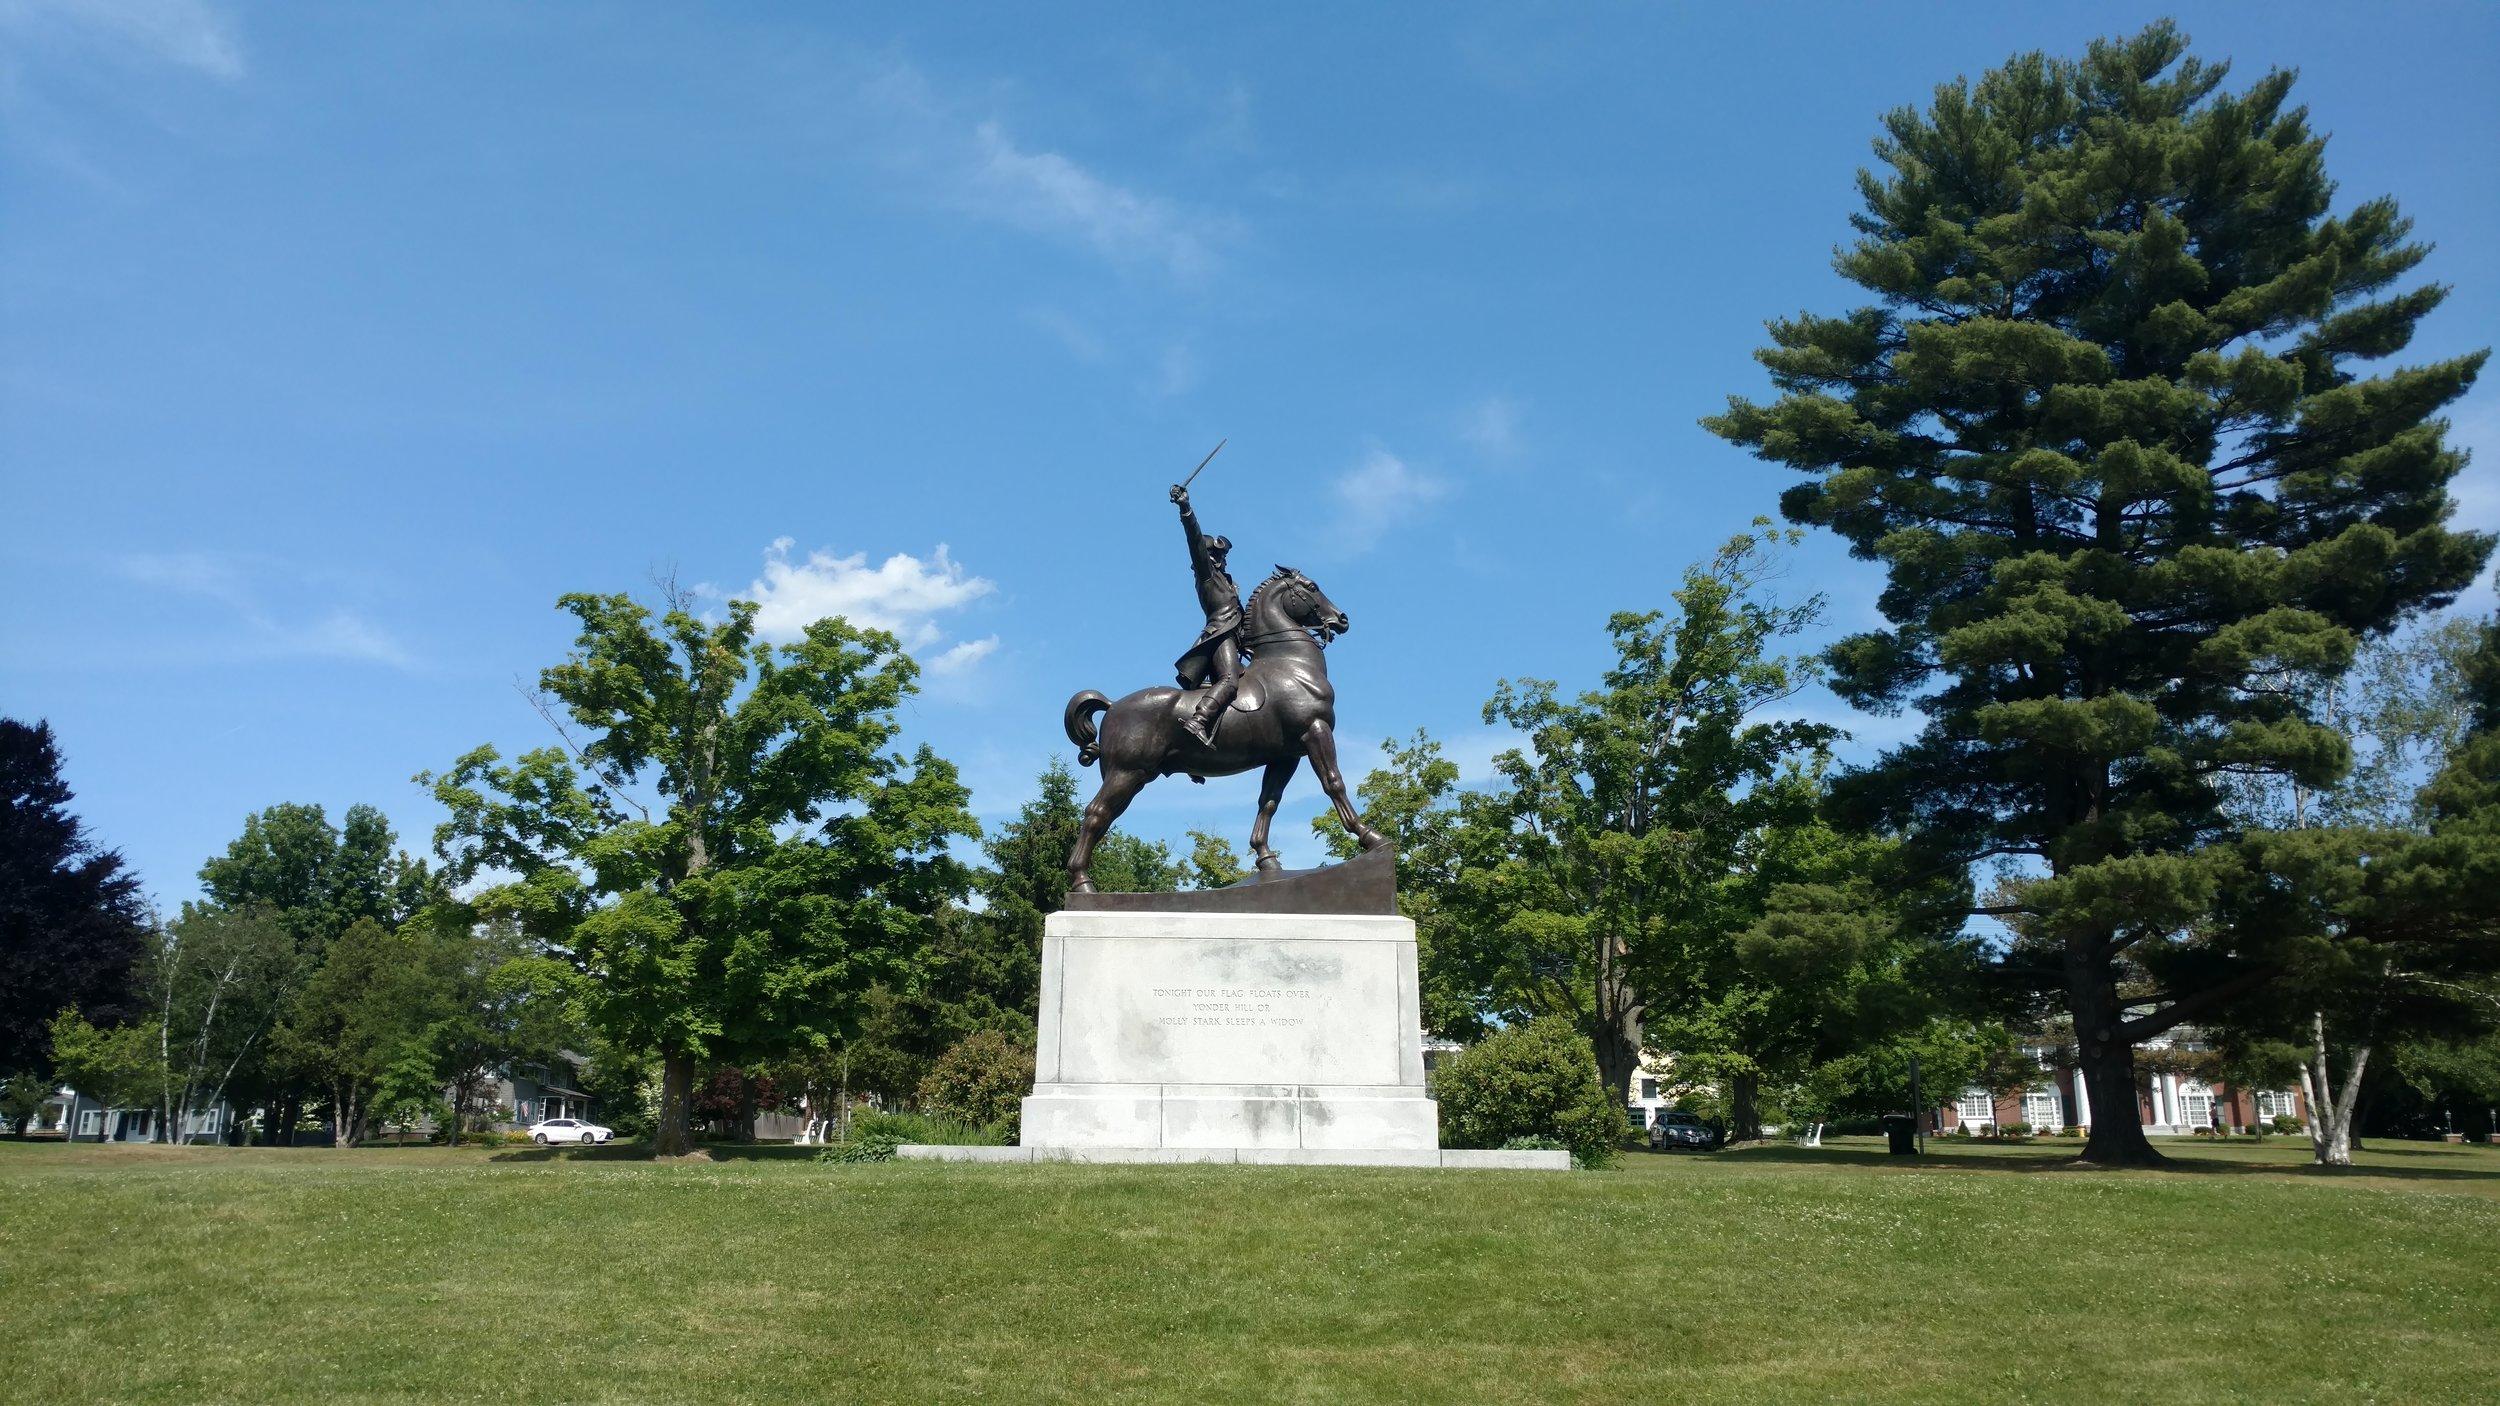 Stark Park Equestrian Statue - Summer.jpg